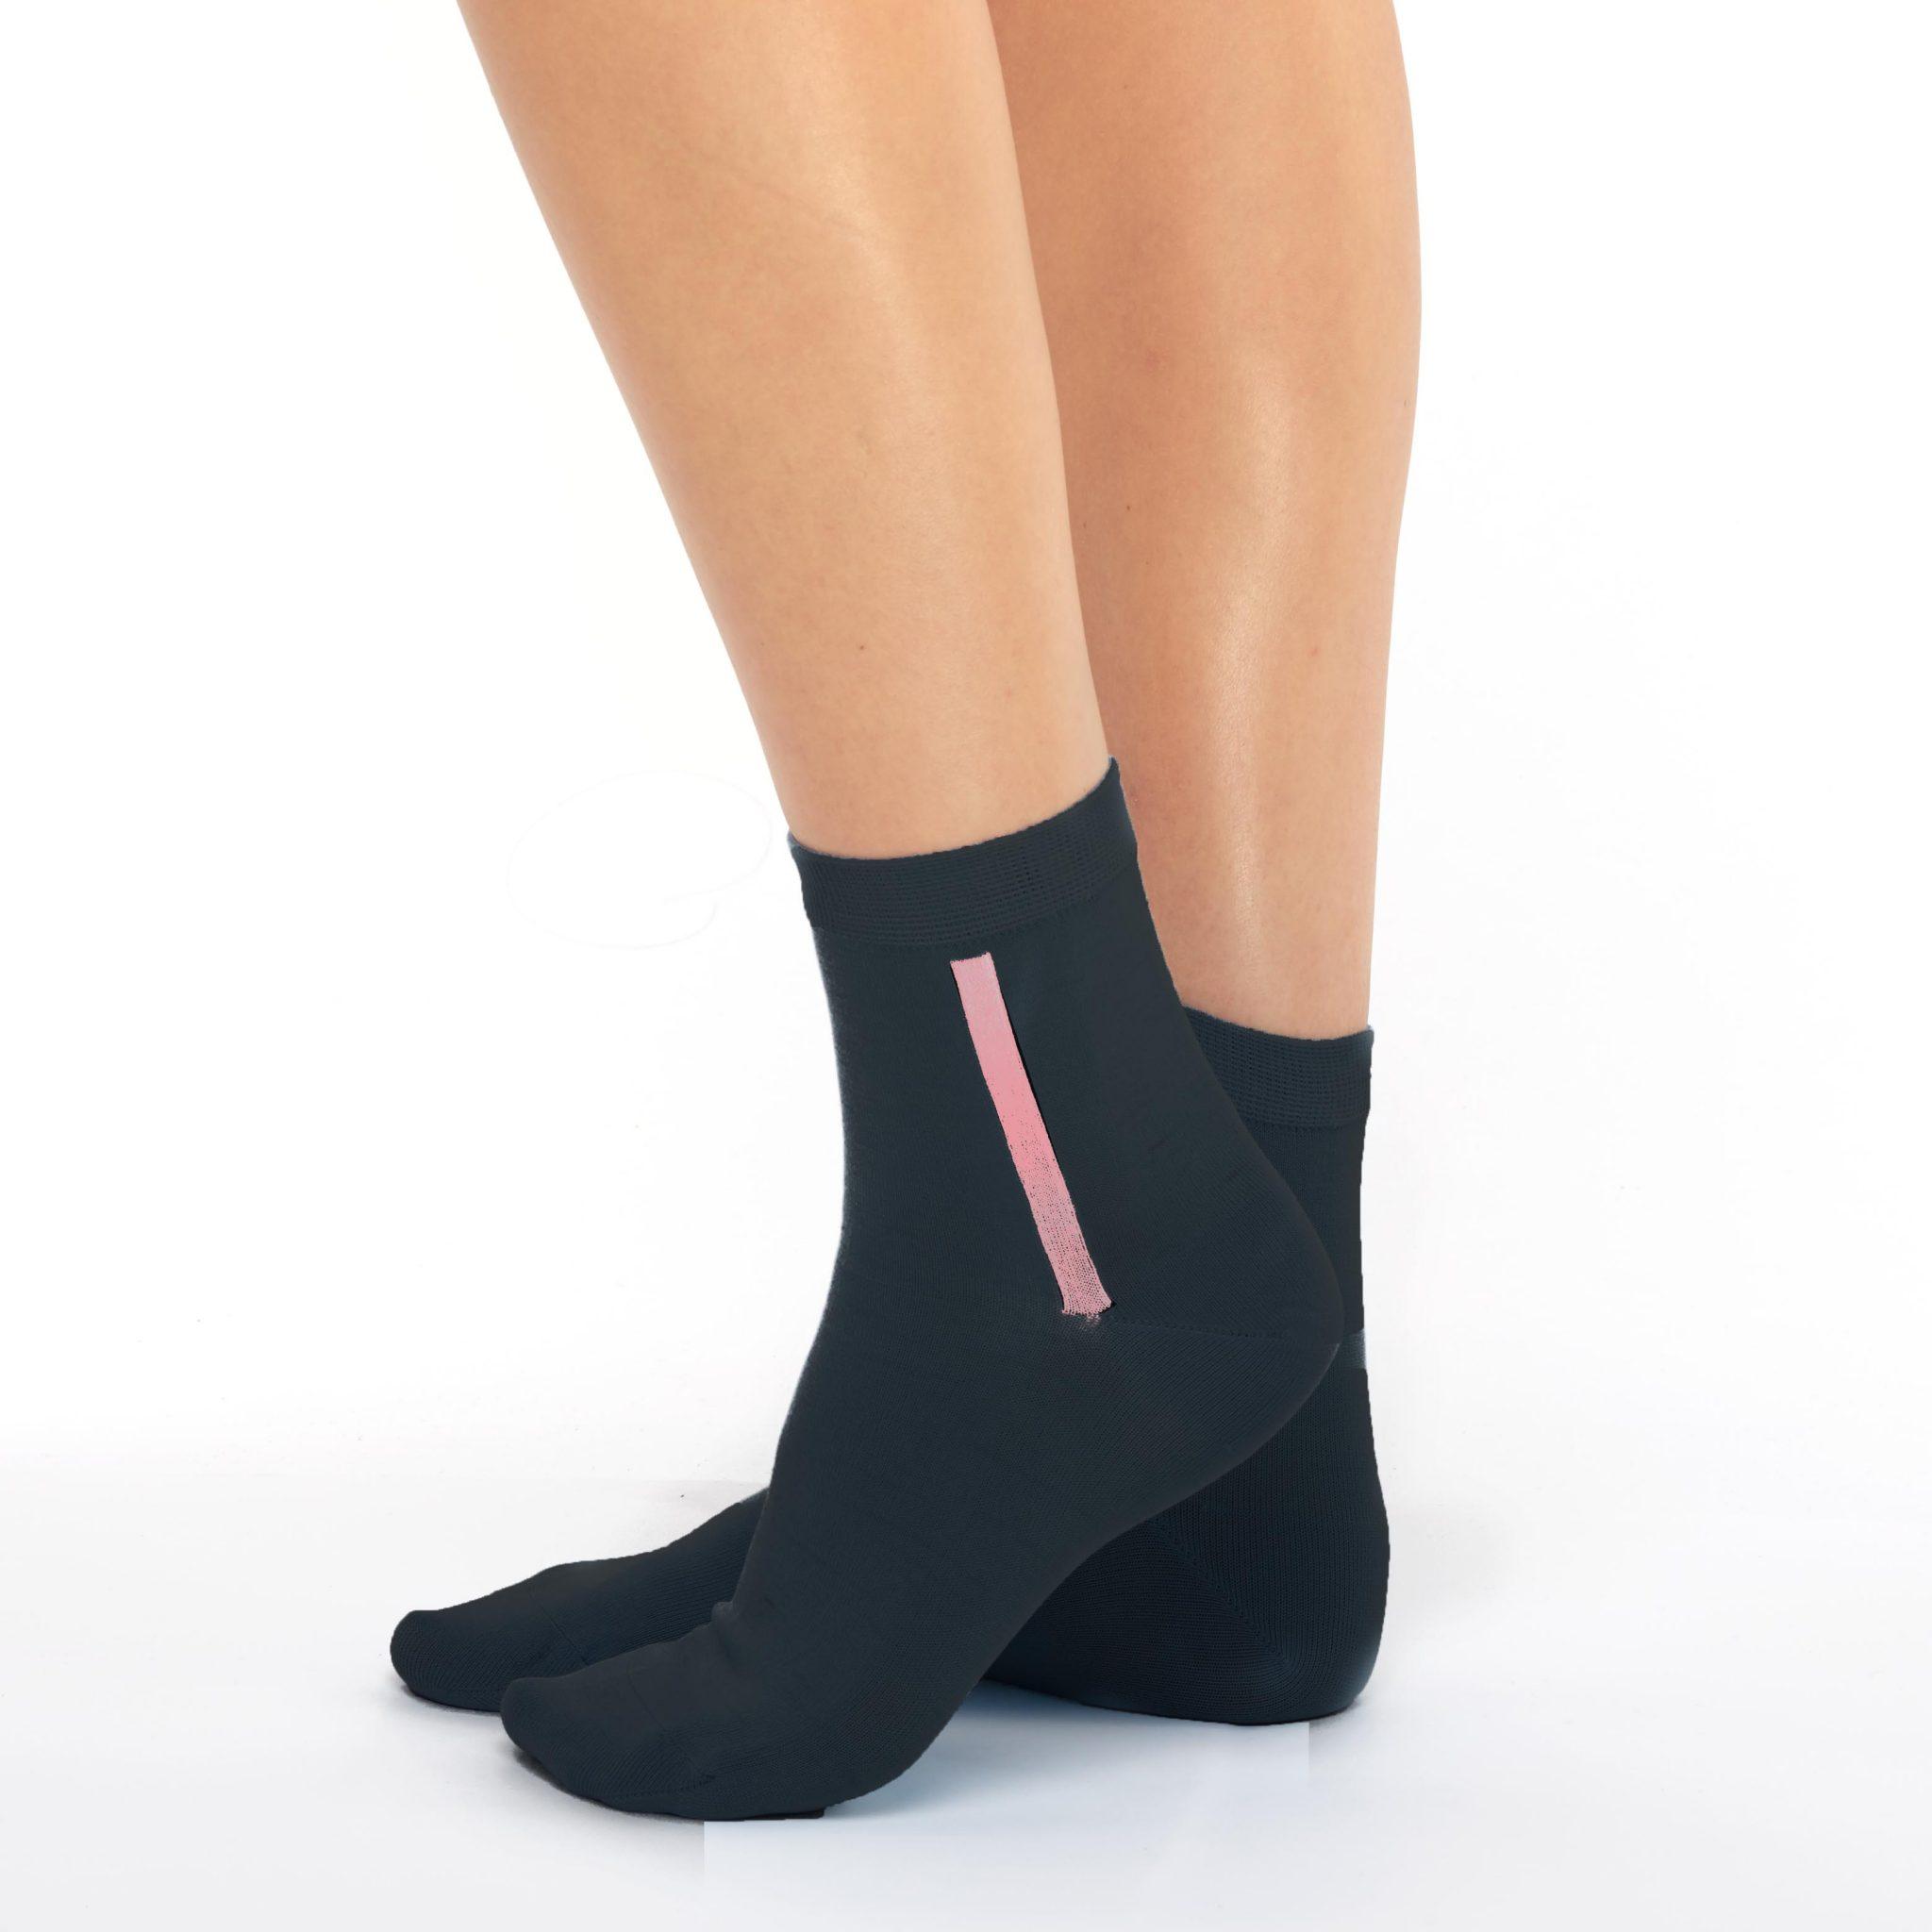 Women's mercerized cotton black short socks